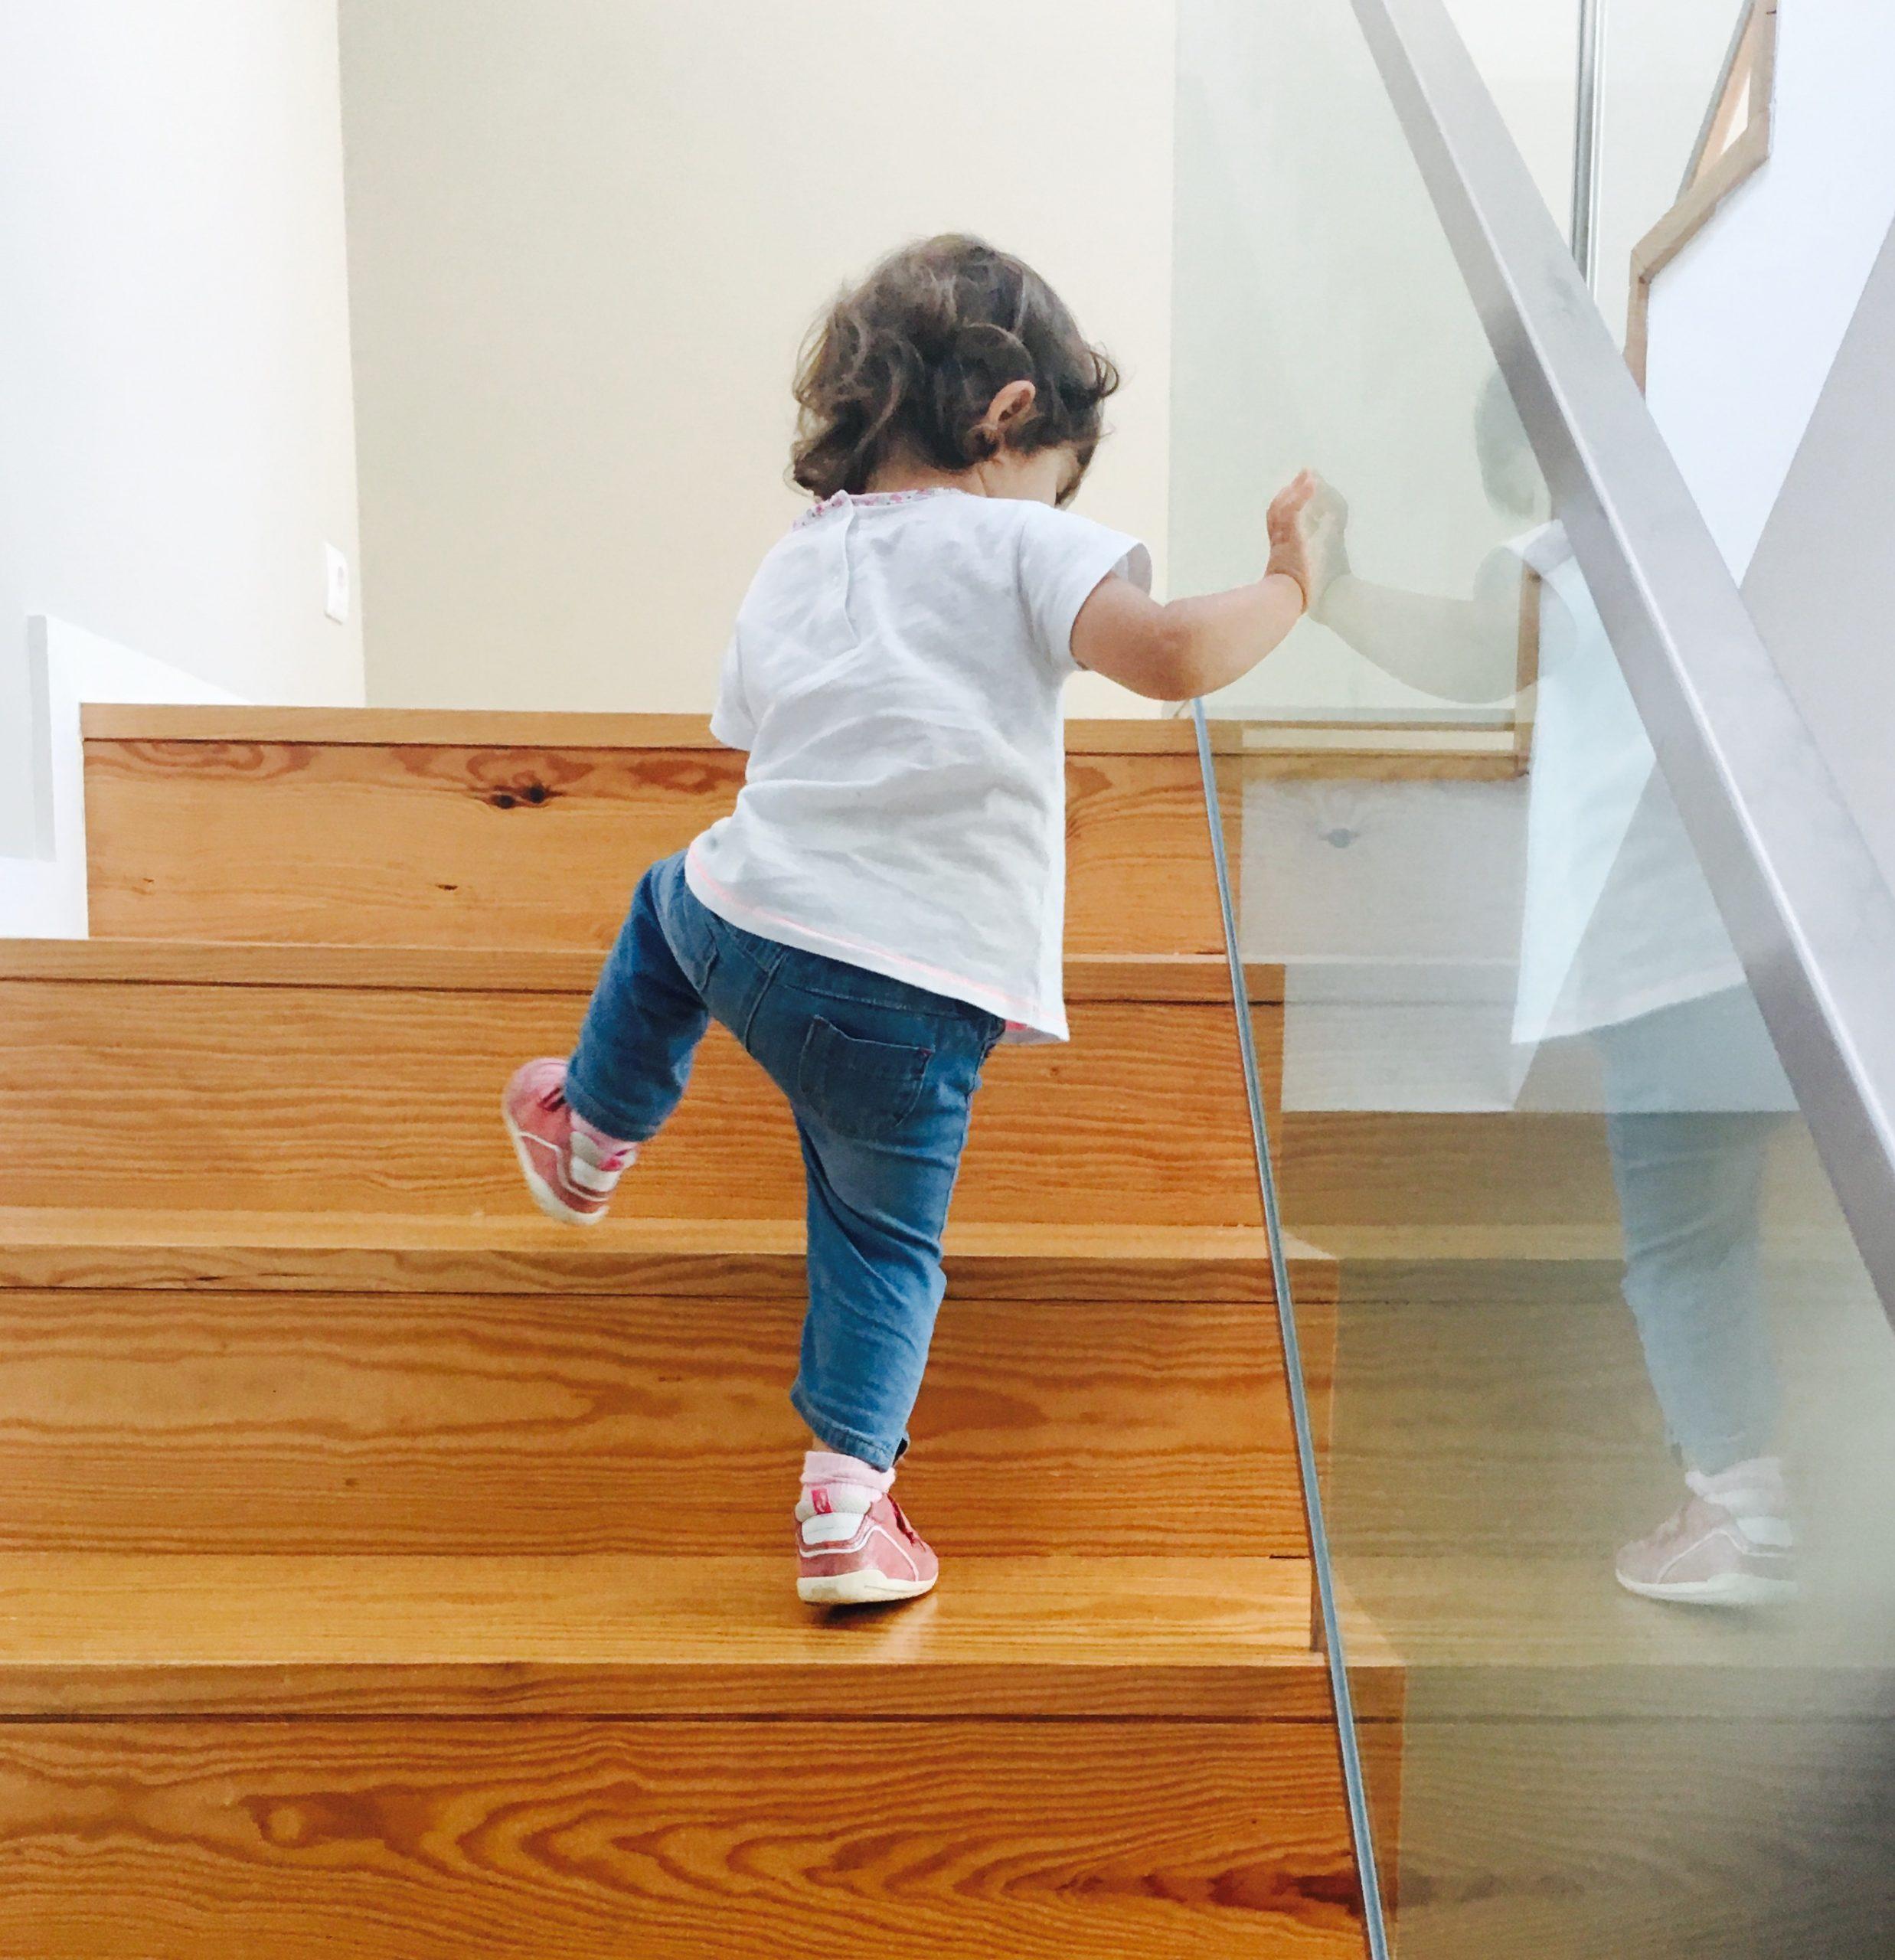 O que significa seguir a criança?